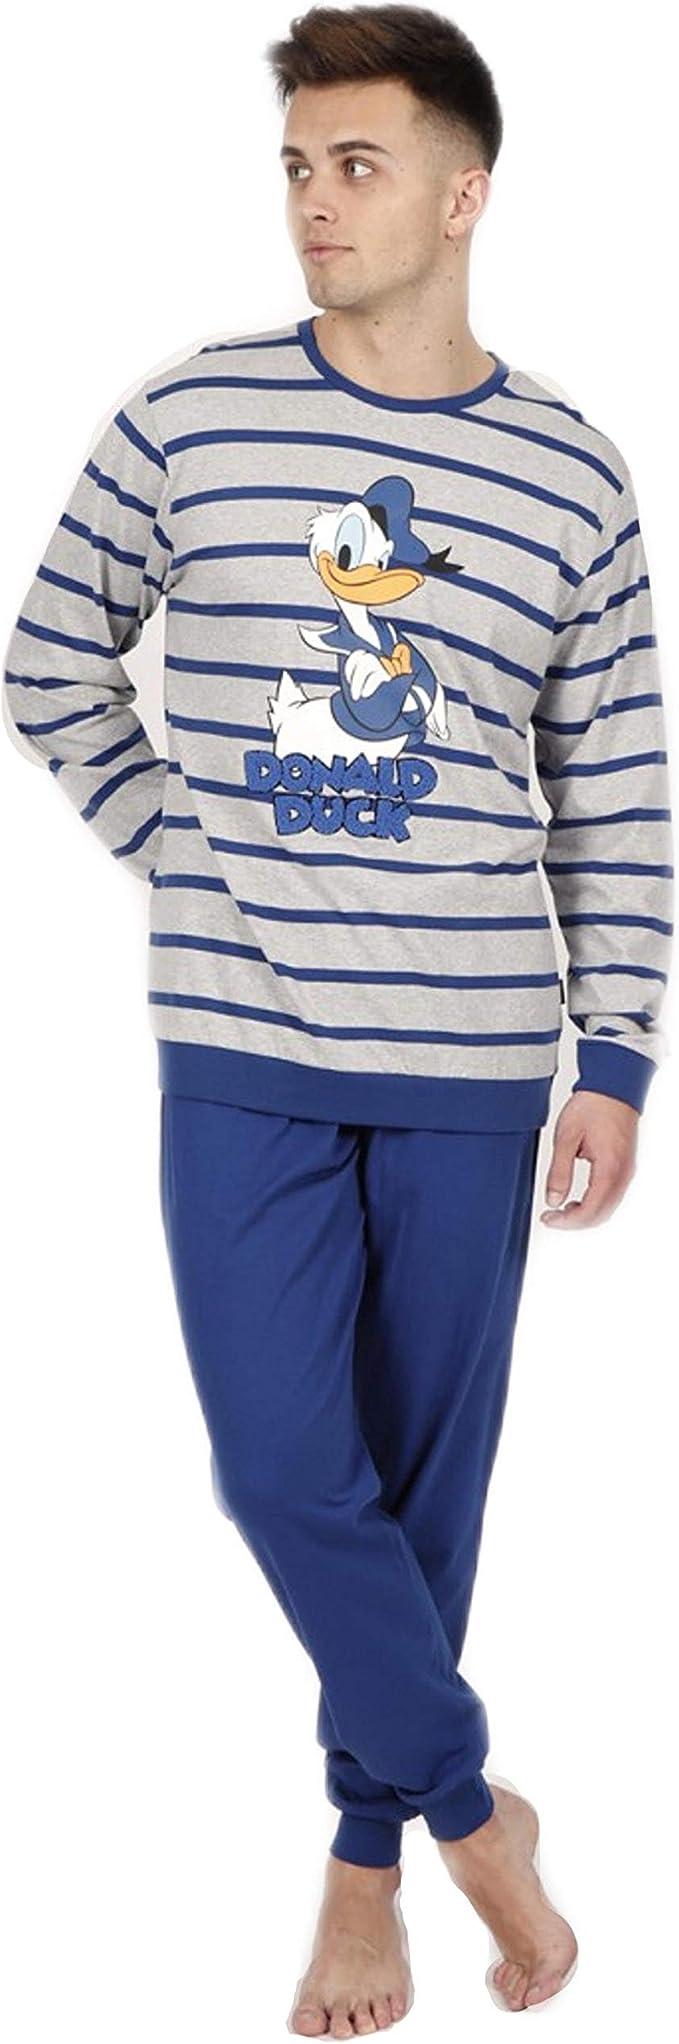 Pijama Hombre Disney 54224-0 T-XXL Donald: Amazon.es: Ropa y ...